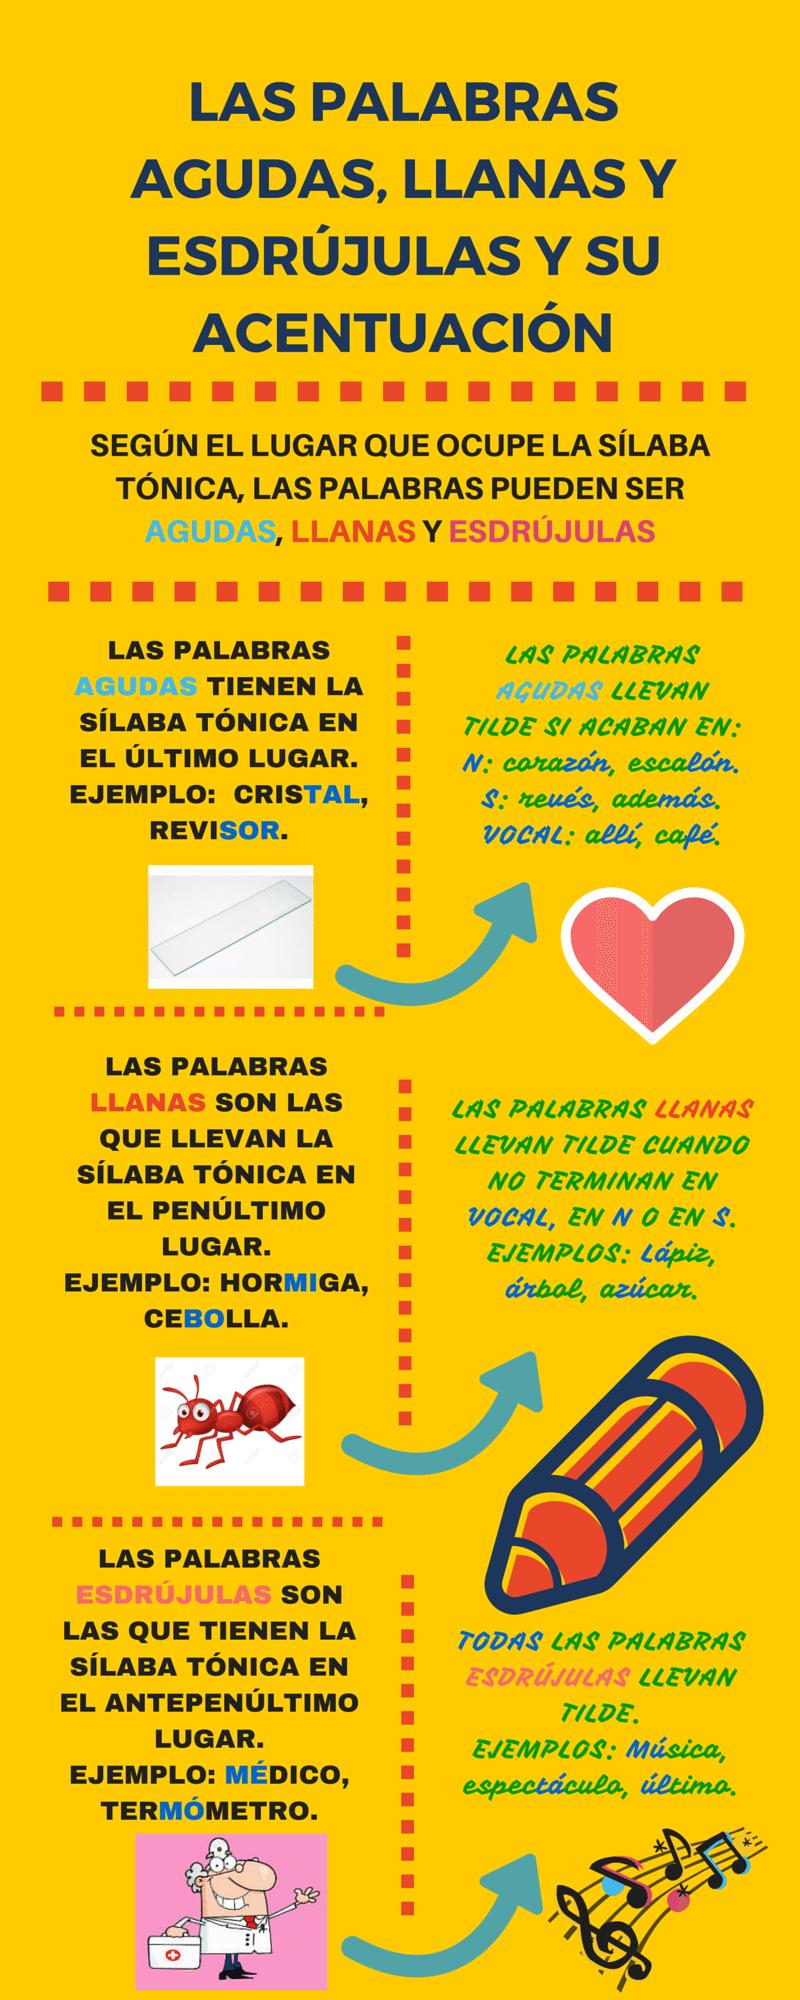 Our Design Process Infographic By Ardife Reglas De Acentuación Palabras Agudas Ortografia Española